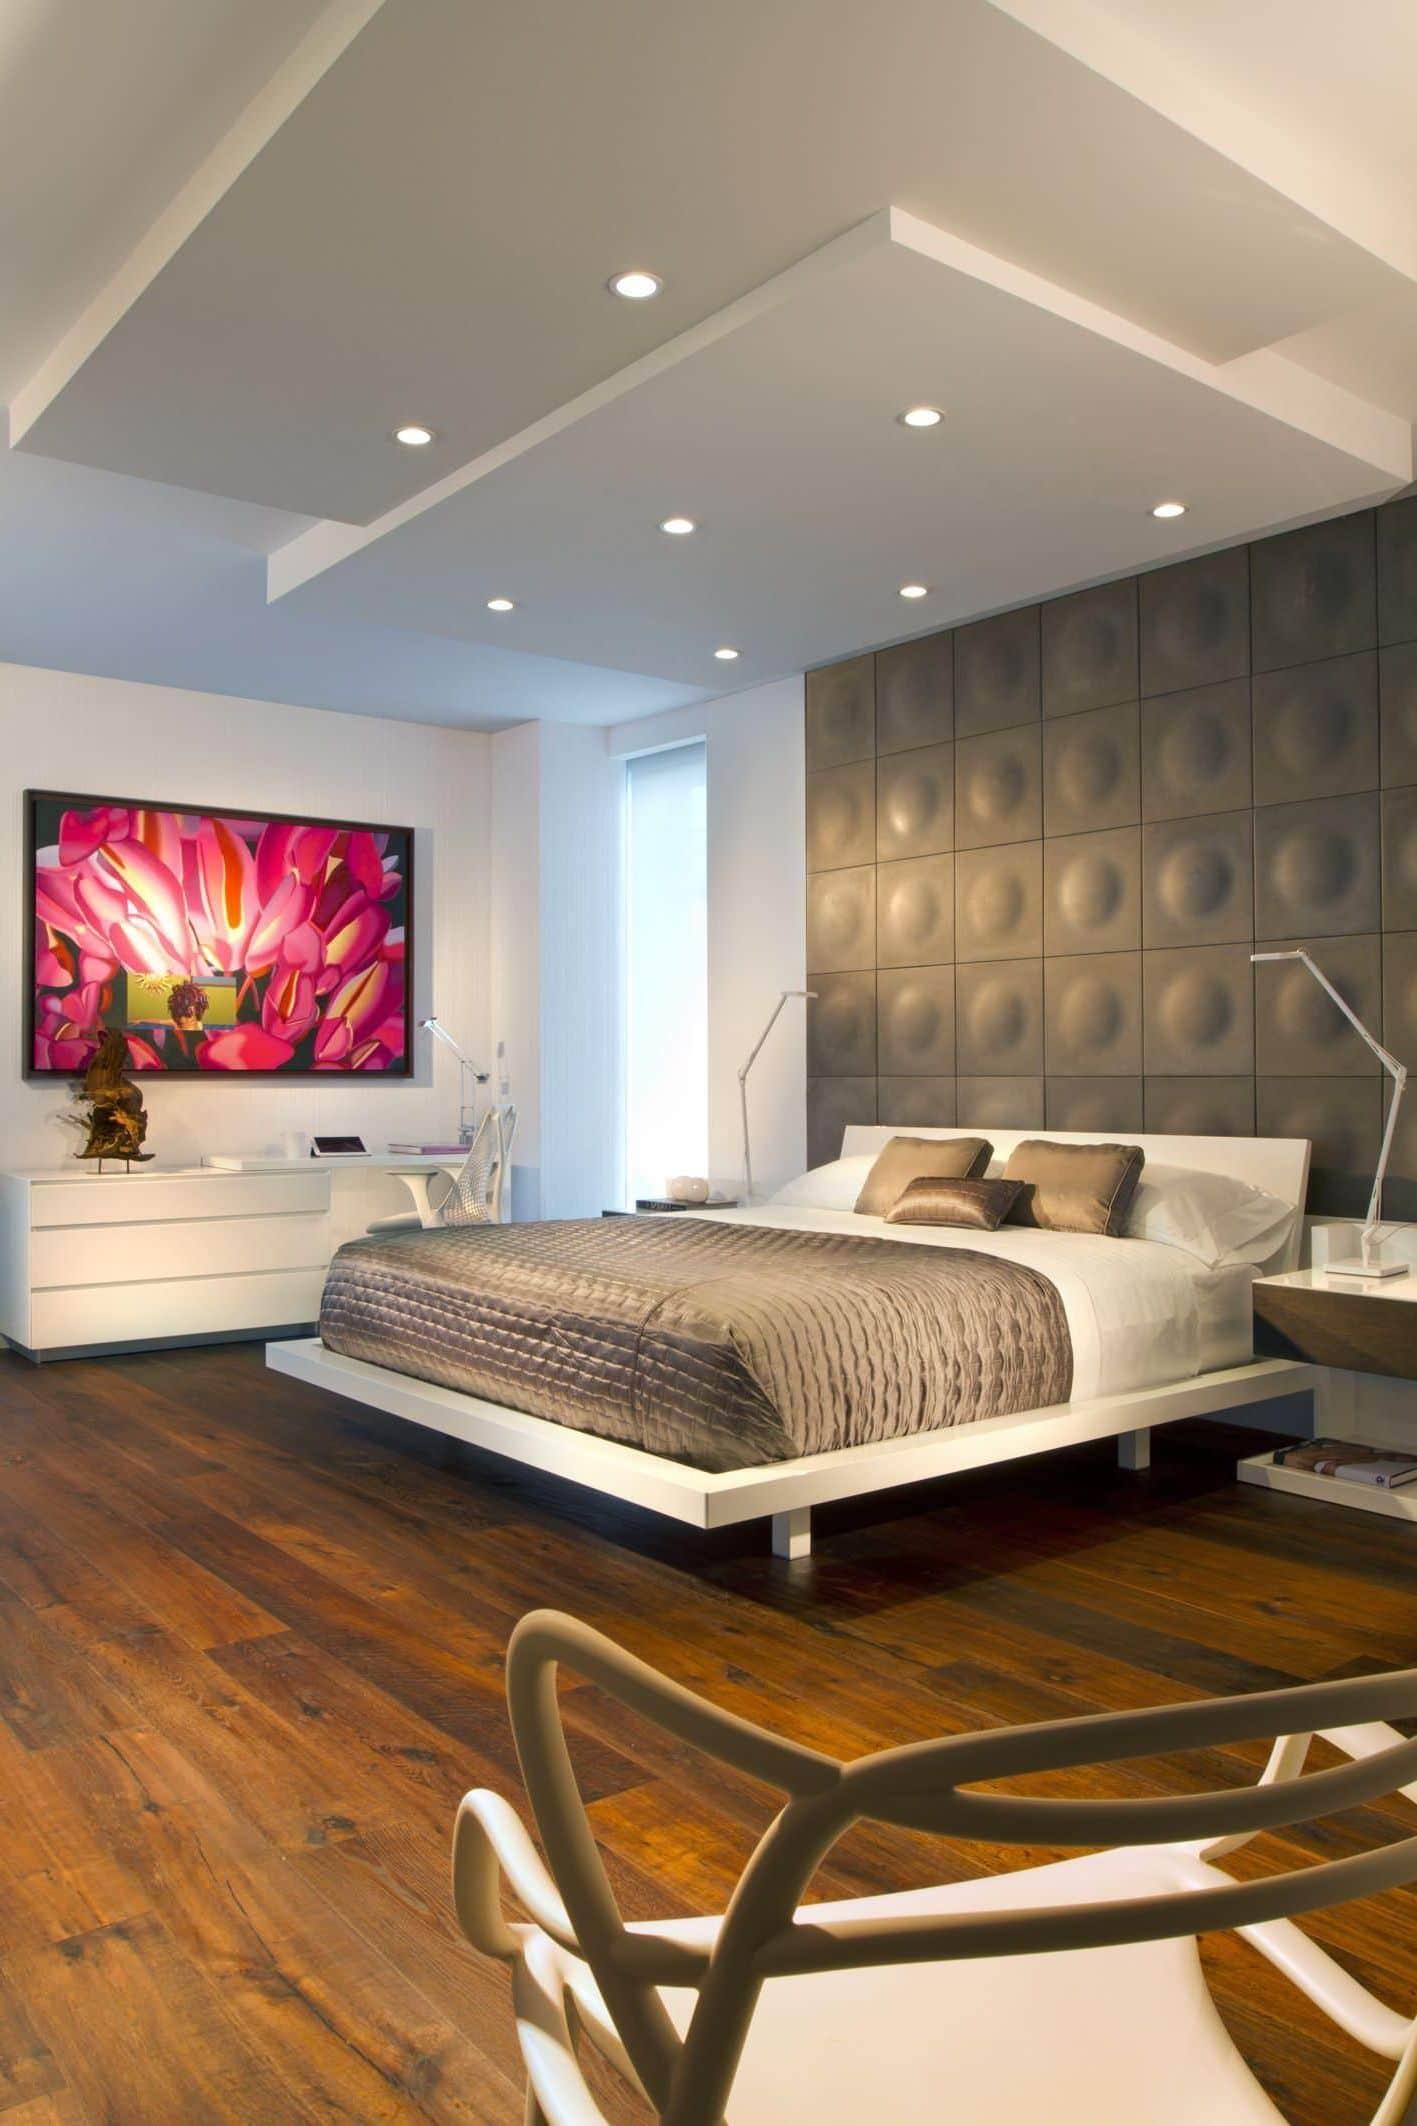 красивый дизайн потолка с подсветкой фото – 7